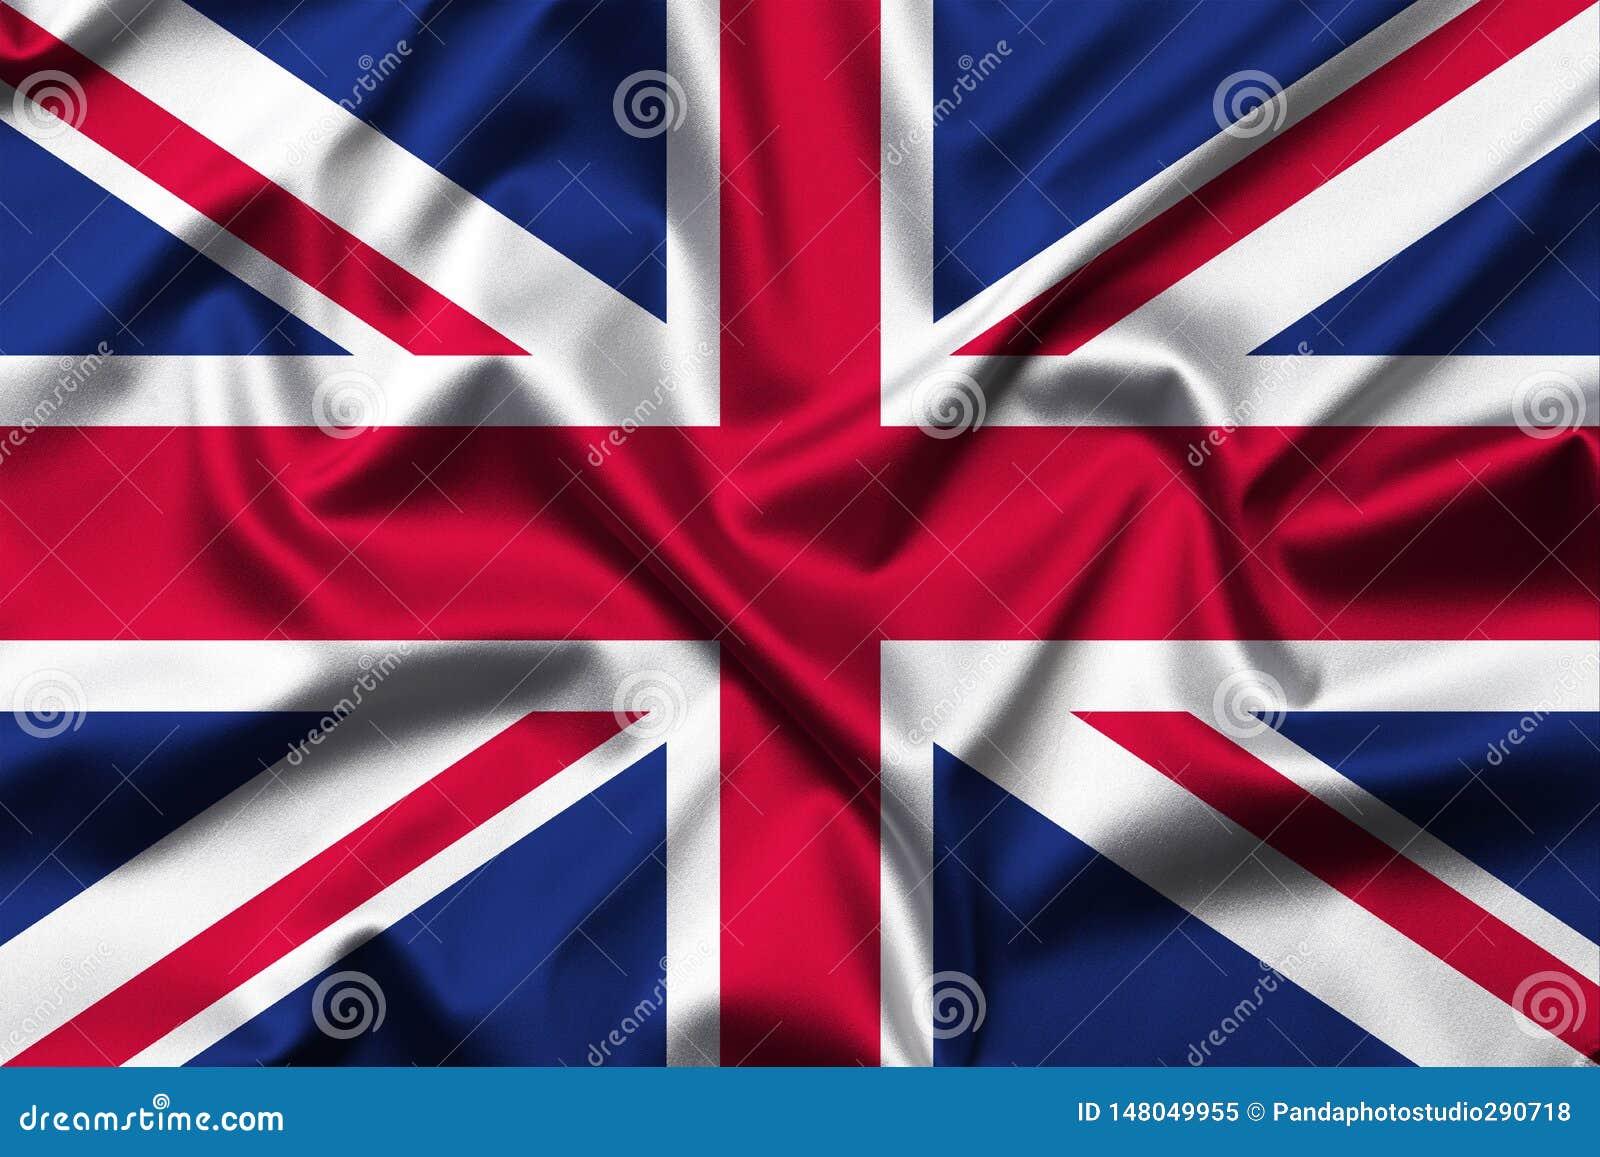 Kingdom της σημαίας της Μεγάλης Βρετανίας